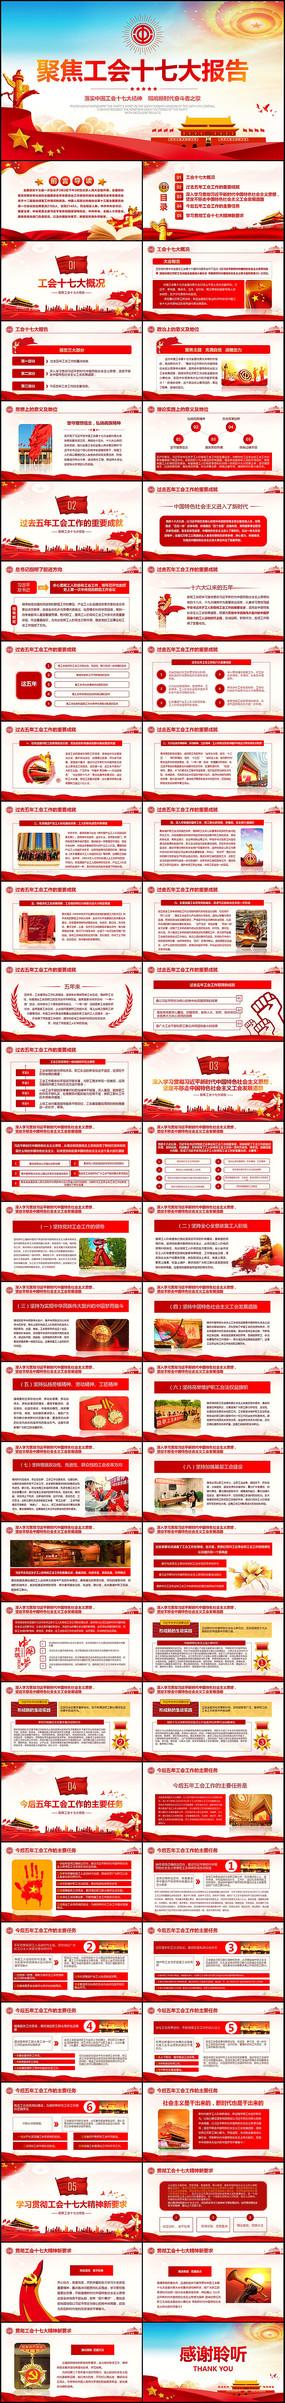 工会十七大精神解读全国总工会PPT ppt